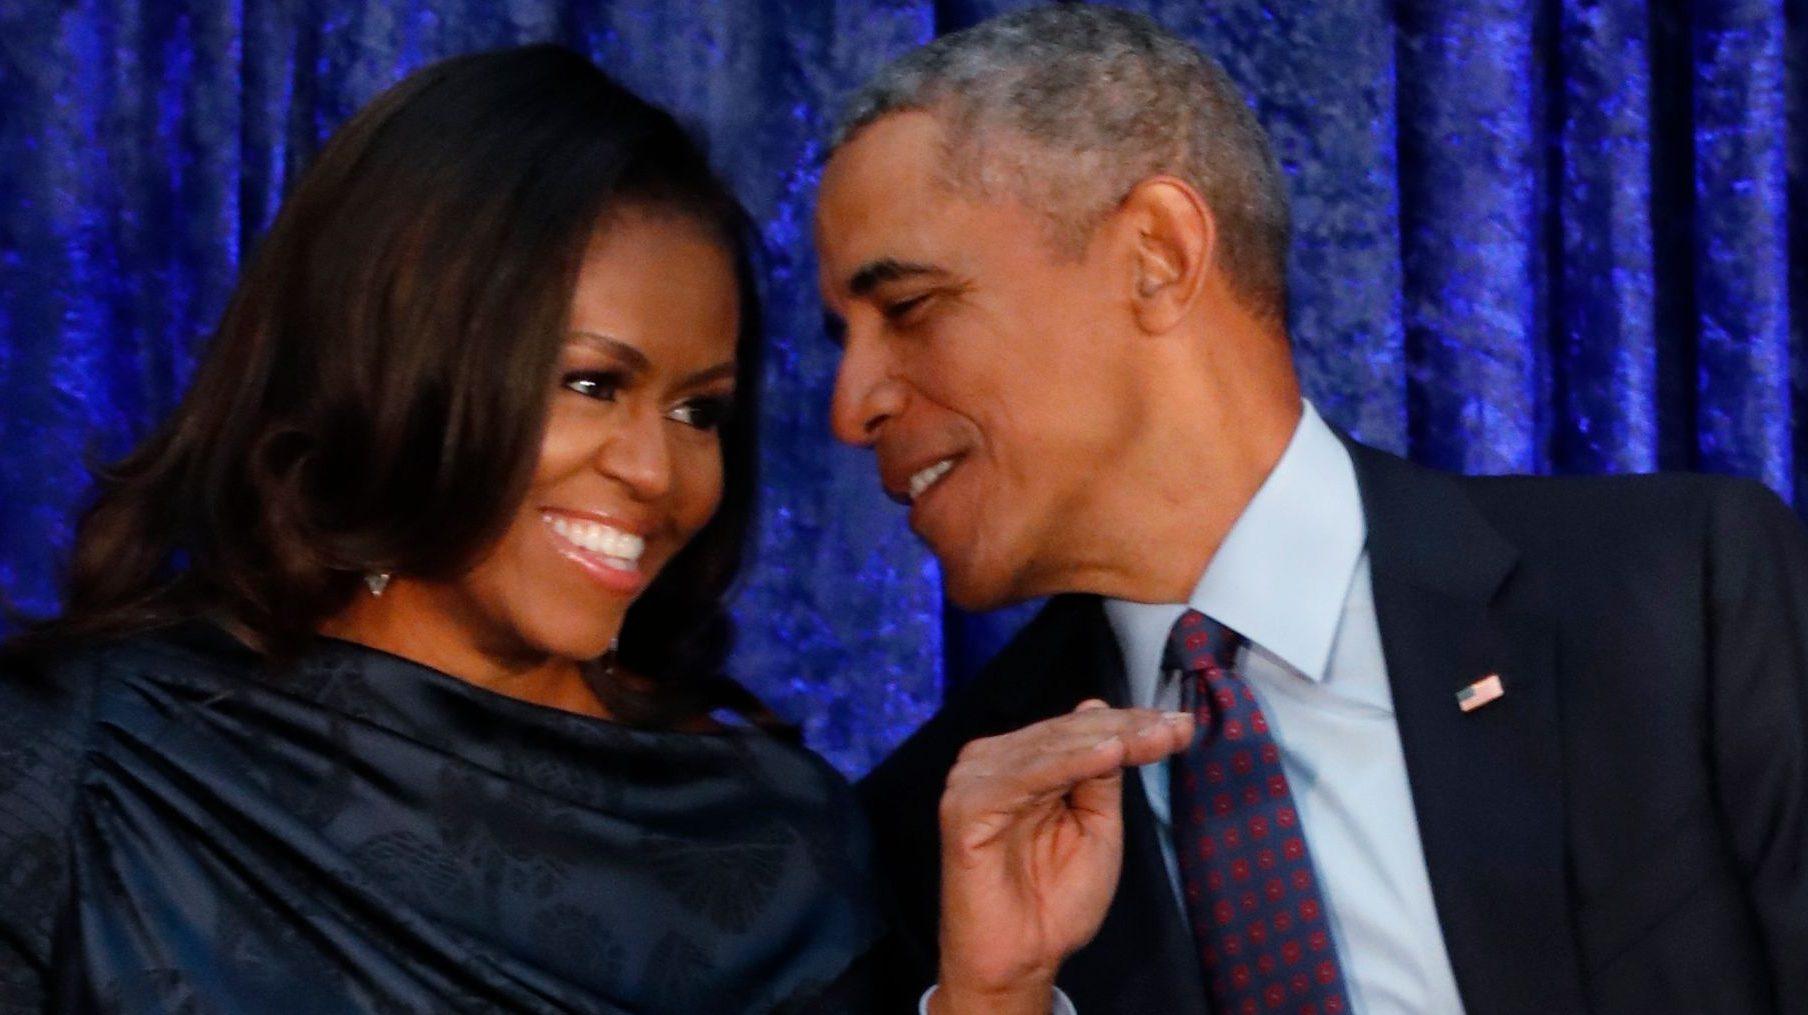 Michelle Obama citaten op dating